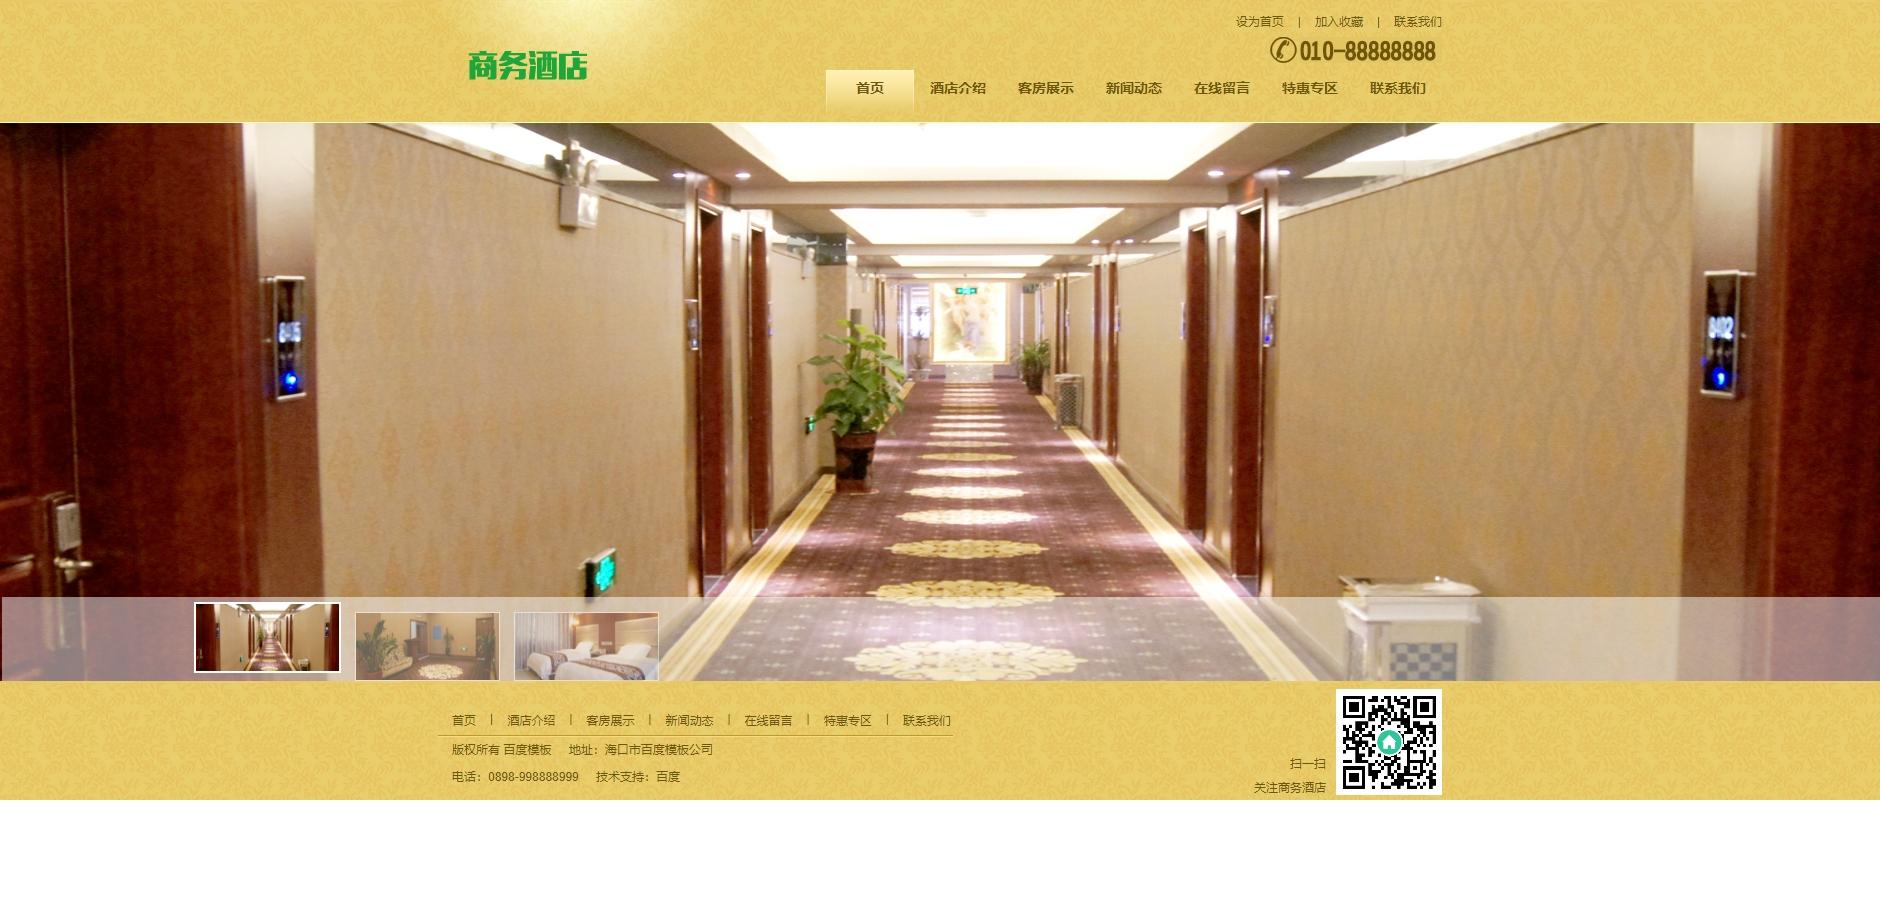 大气黄色酒店套房行业企业织梦dedecms模板